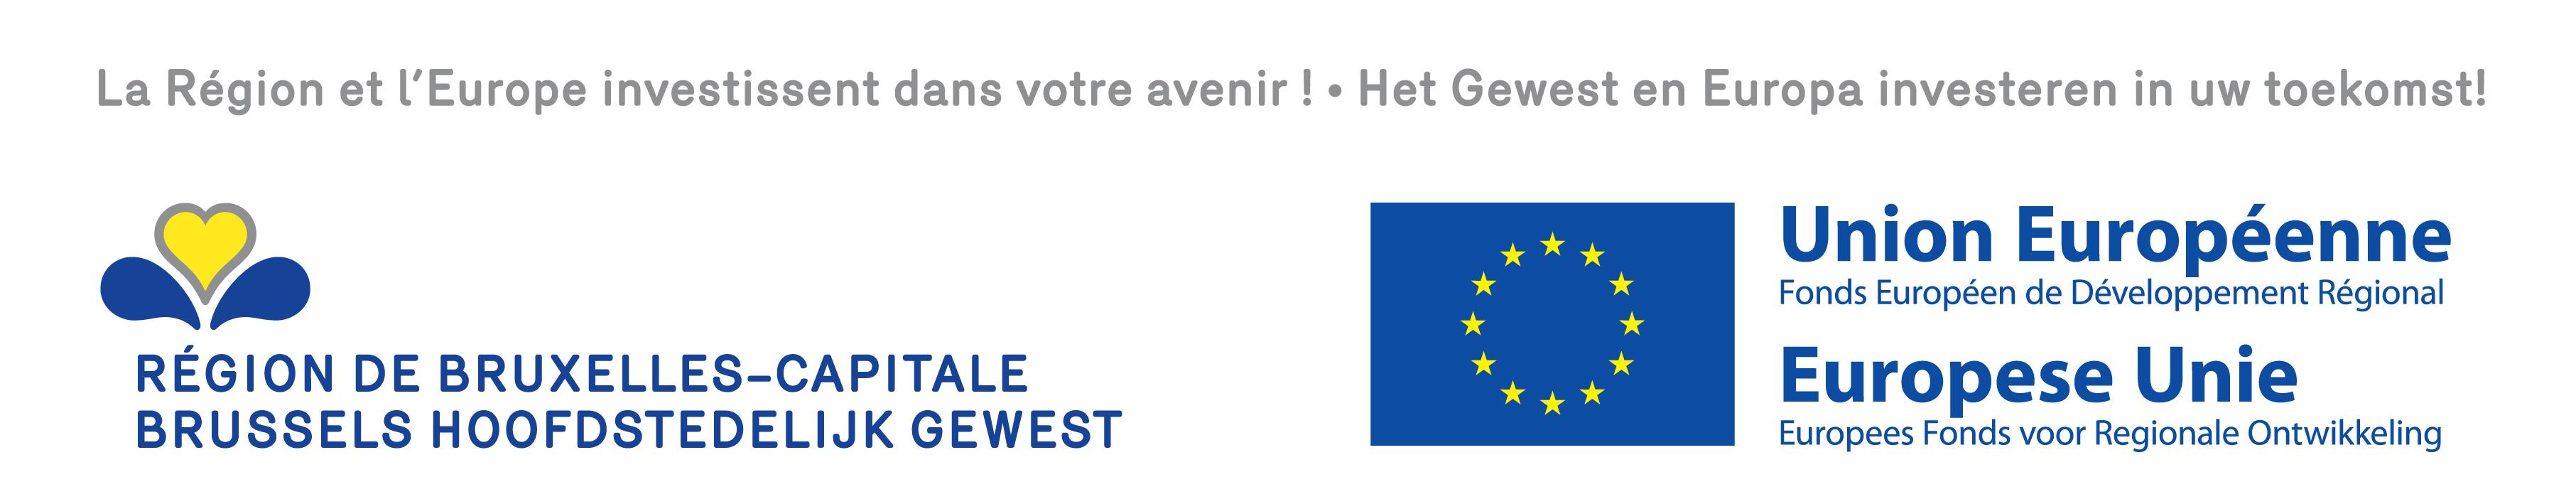 Logo des projets subventionnés par le FEDER et la Région de Bruxelles-Capitale